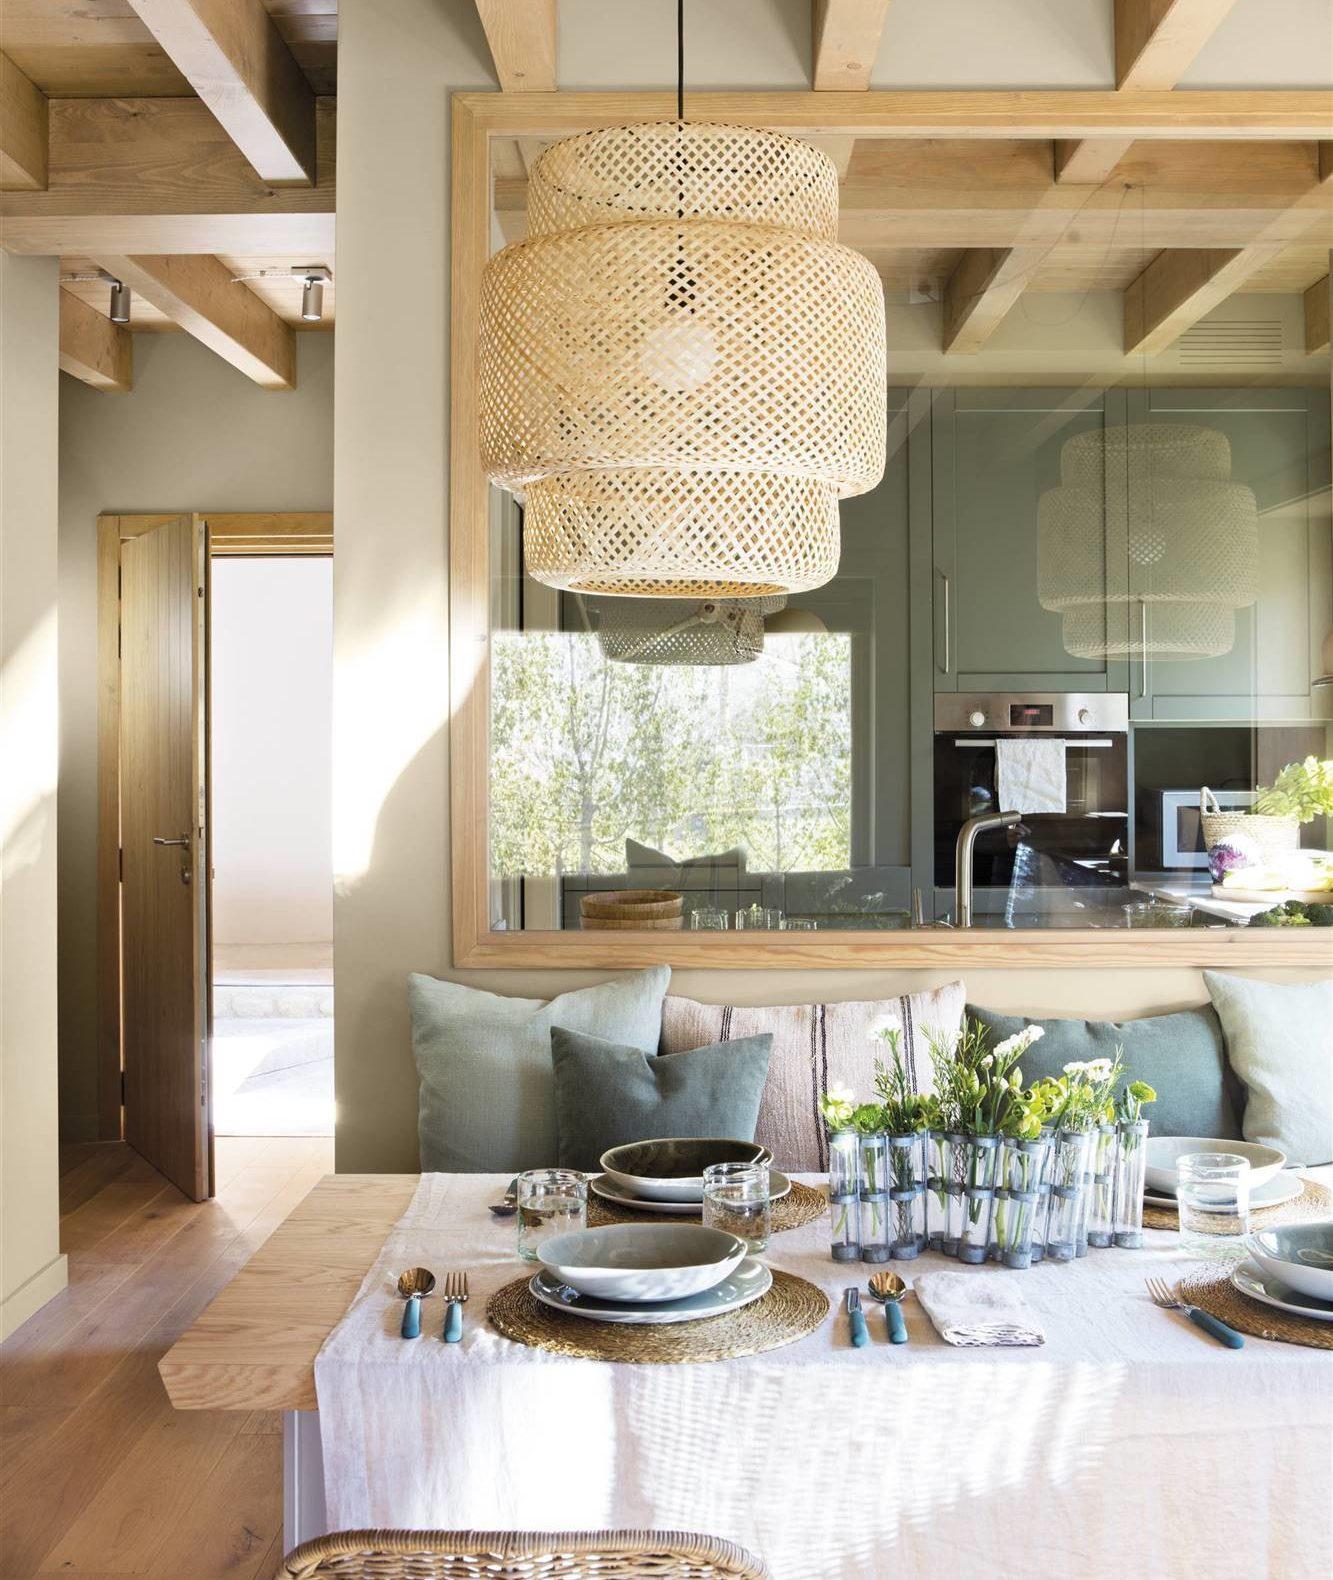 Sinngerlig Pendant Light Throw Pillows Modern Earth Toned Dining Room